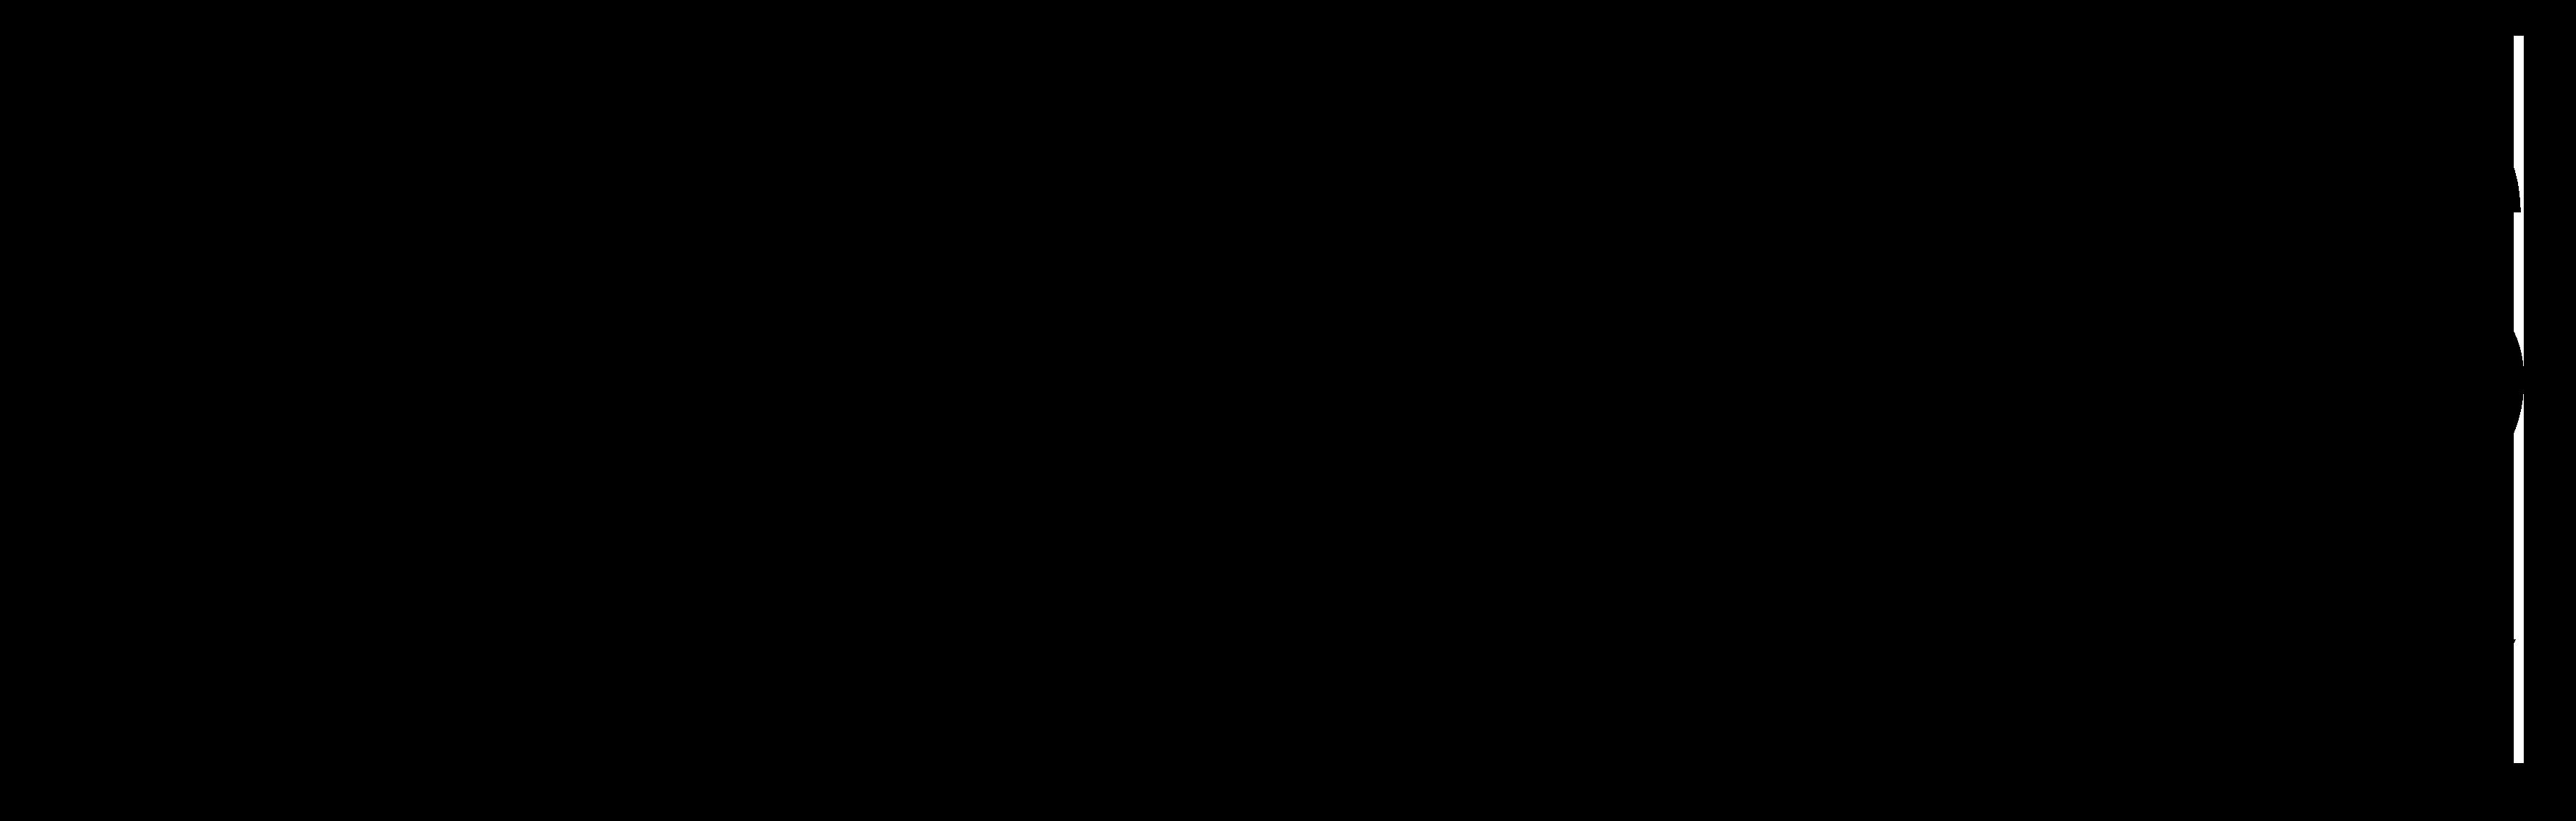 issnl full logo 3600